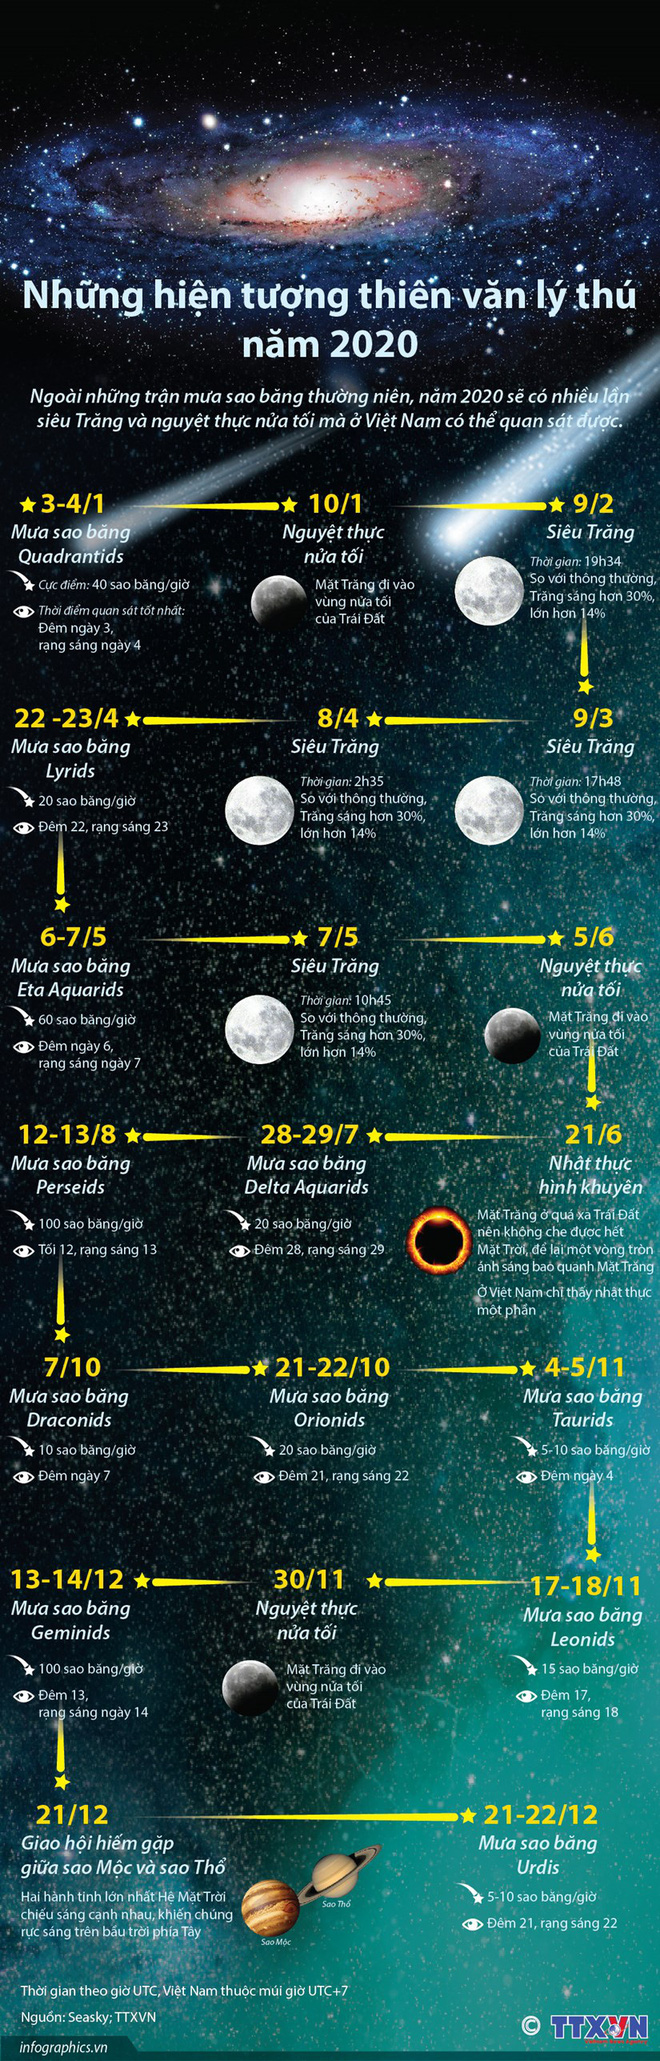 [Infographics] Những hiện tượng thiên văn lý thú trong năm 2020 - Ảnh 1.